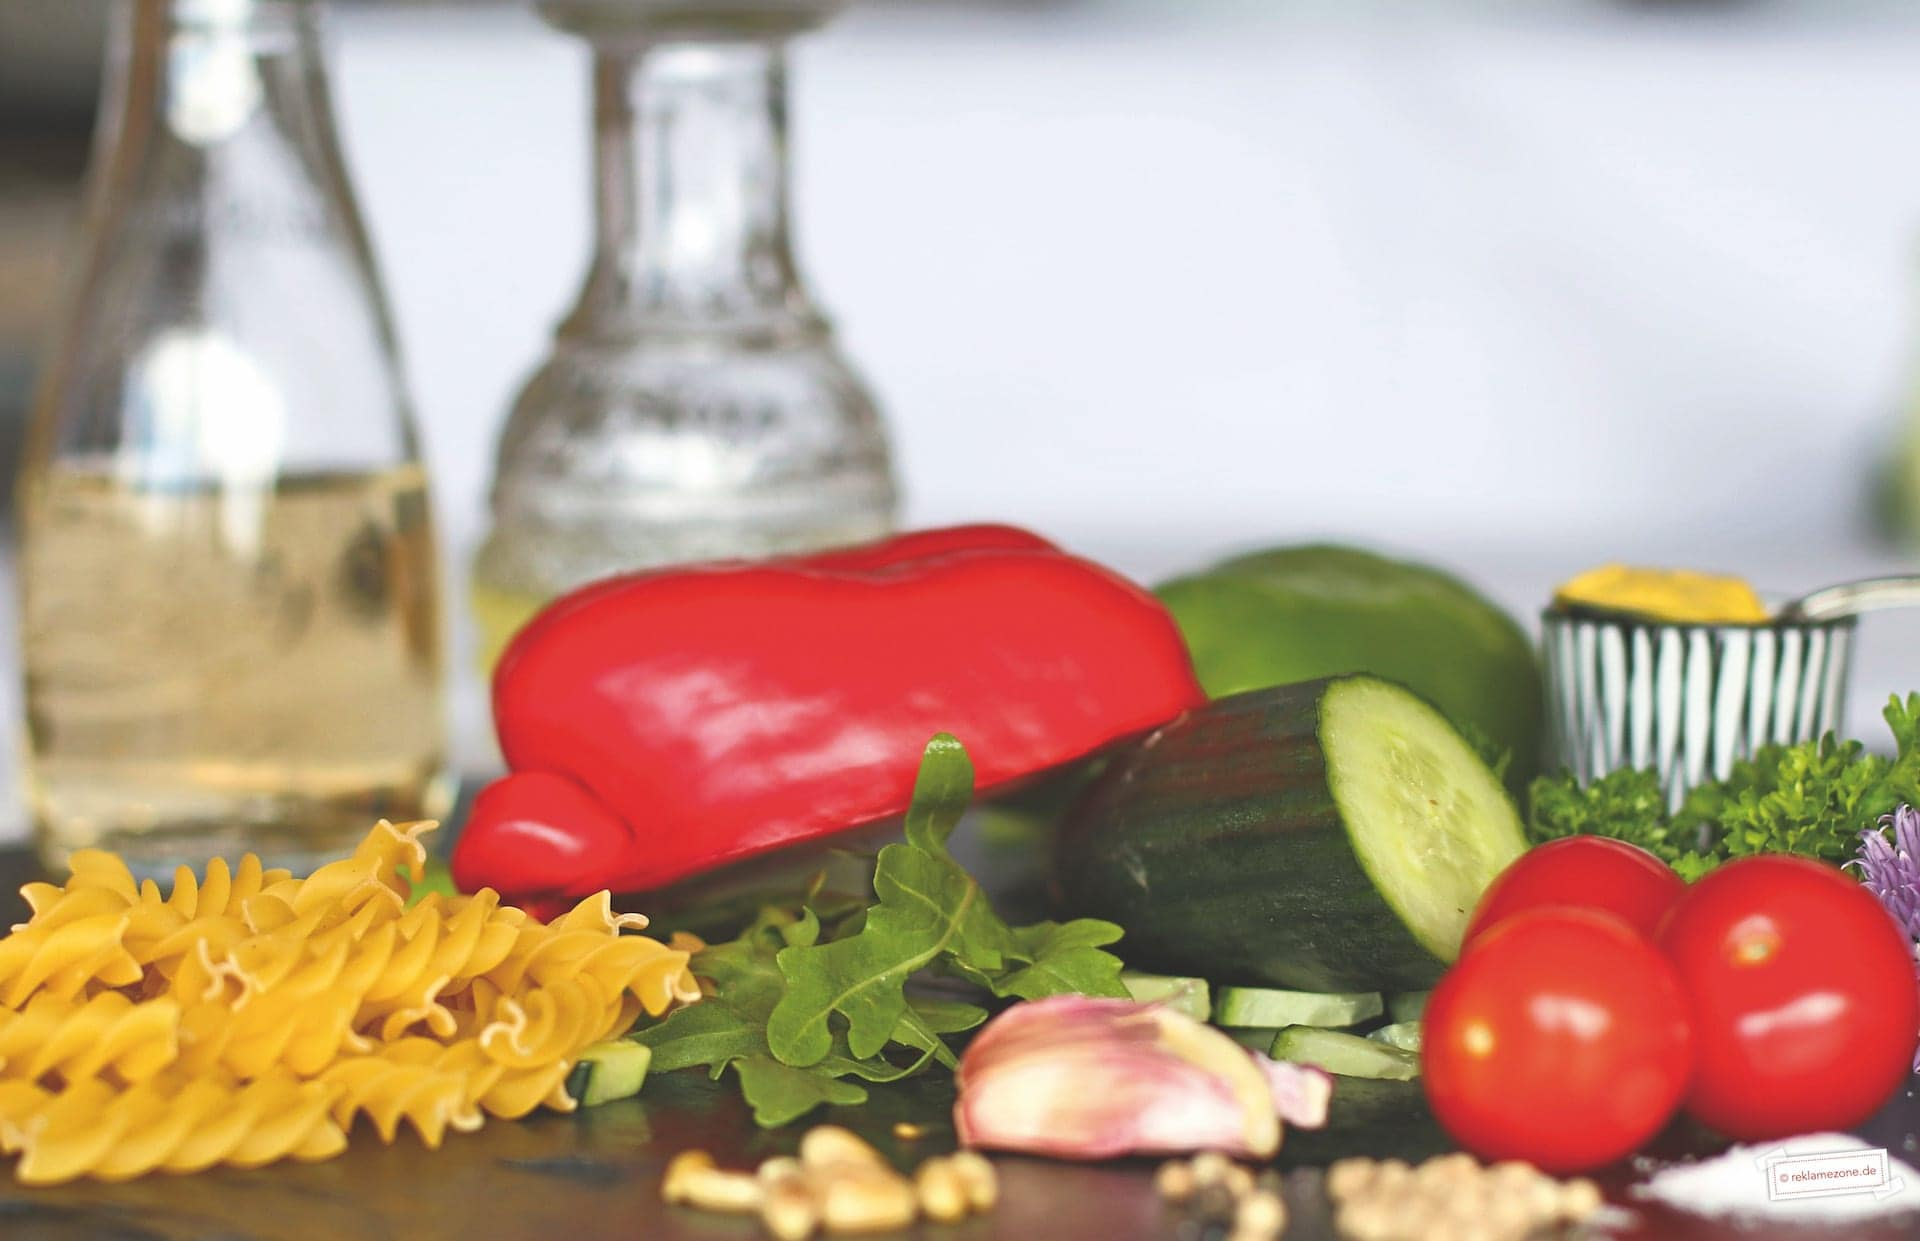 Nudelsalat mit Pinienkernen und Rucola - Foto: reklamezone.de